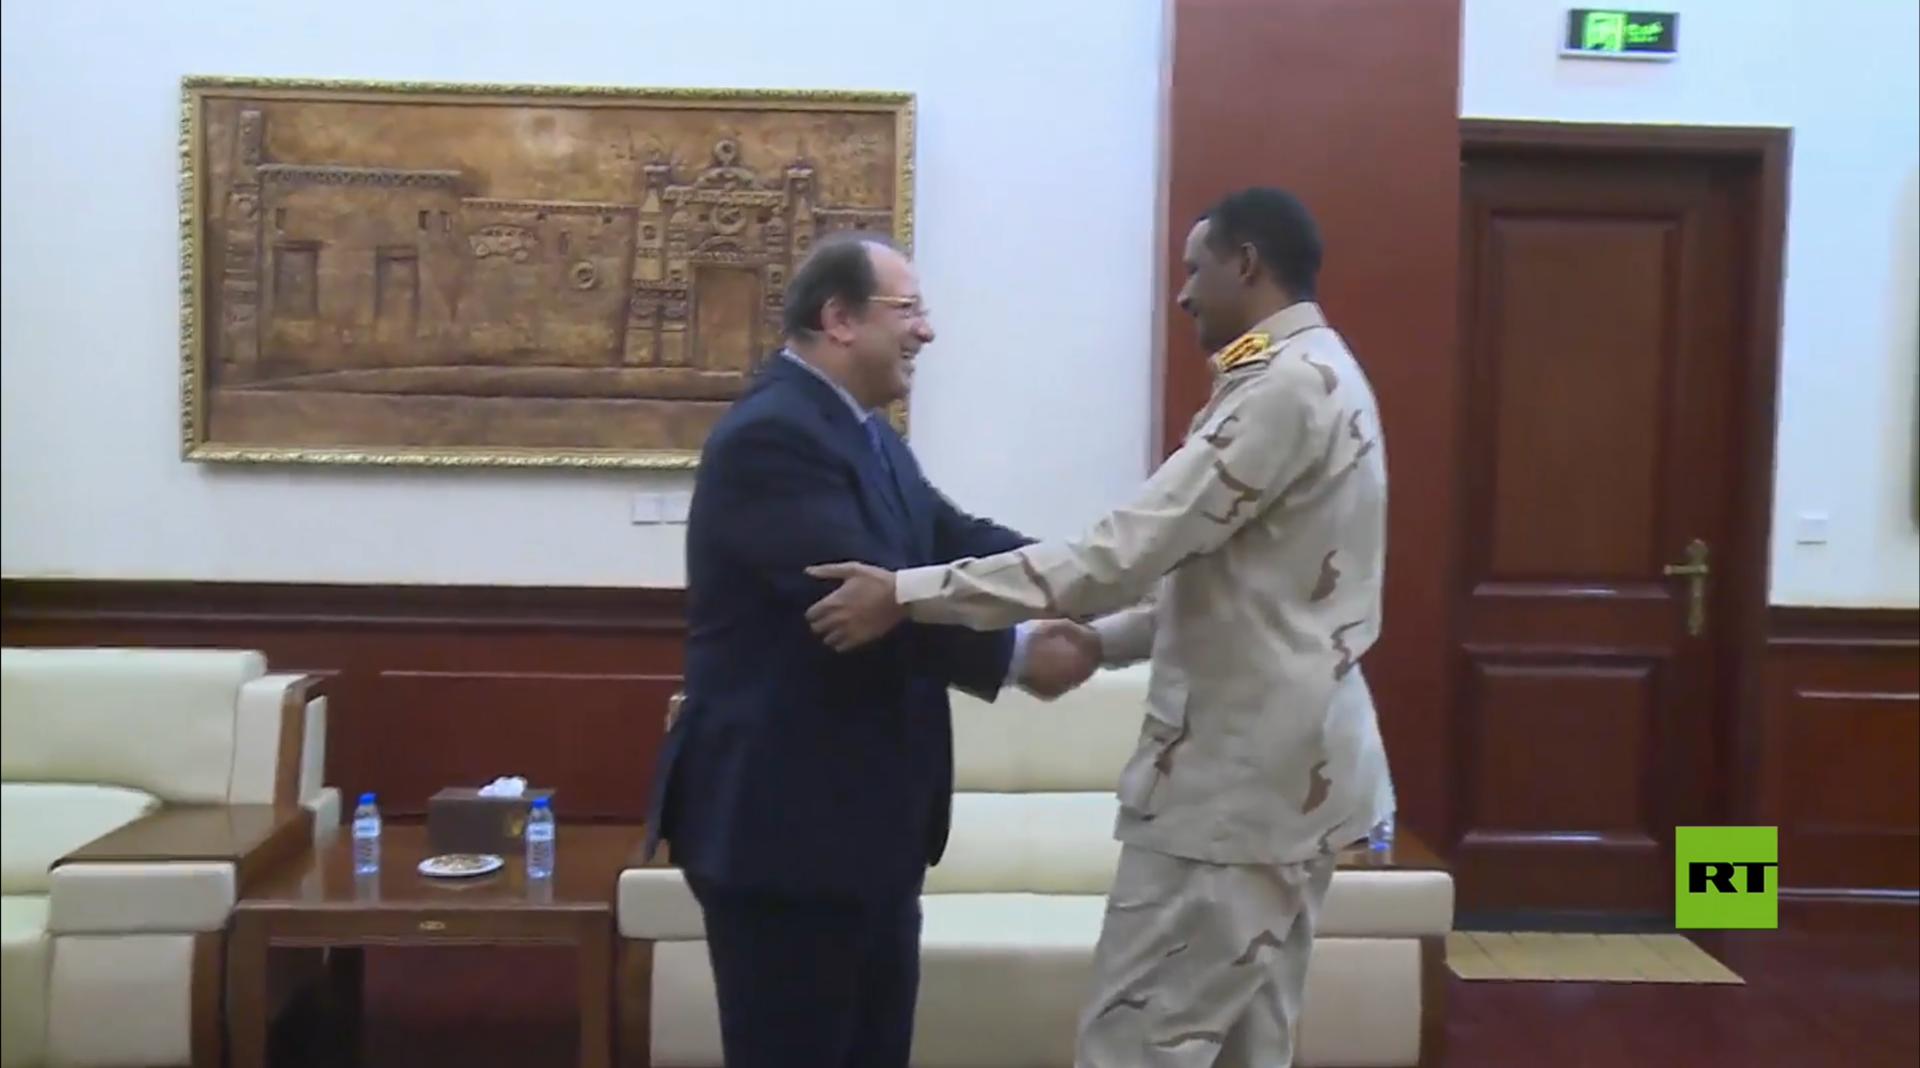 السودان.. رئيس مجلس السيادة يلتقي مدير جهاز المخابرات المصري